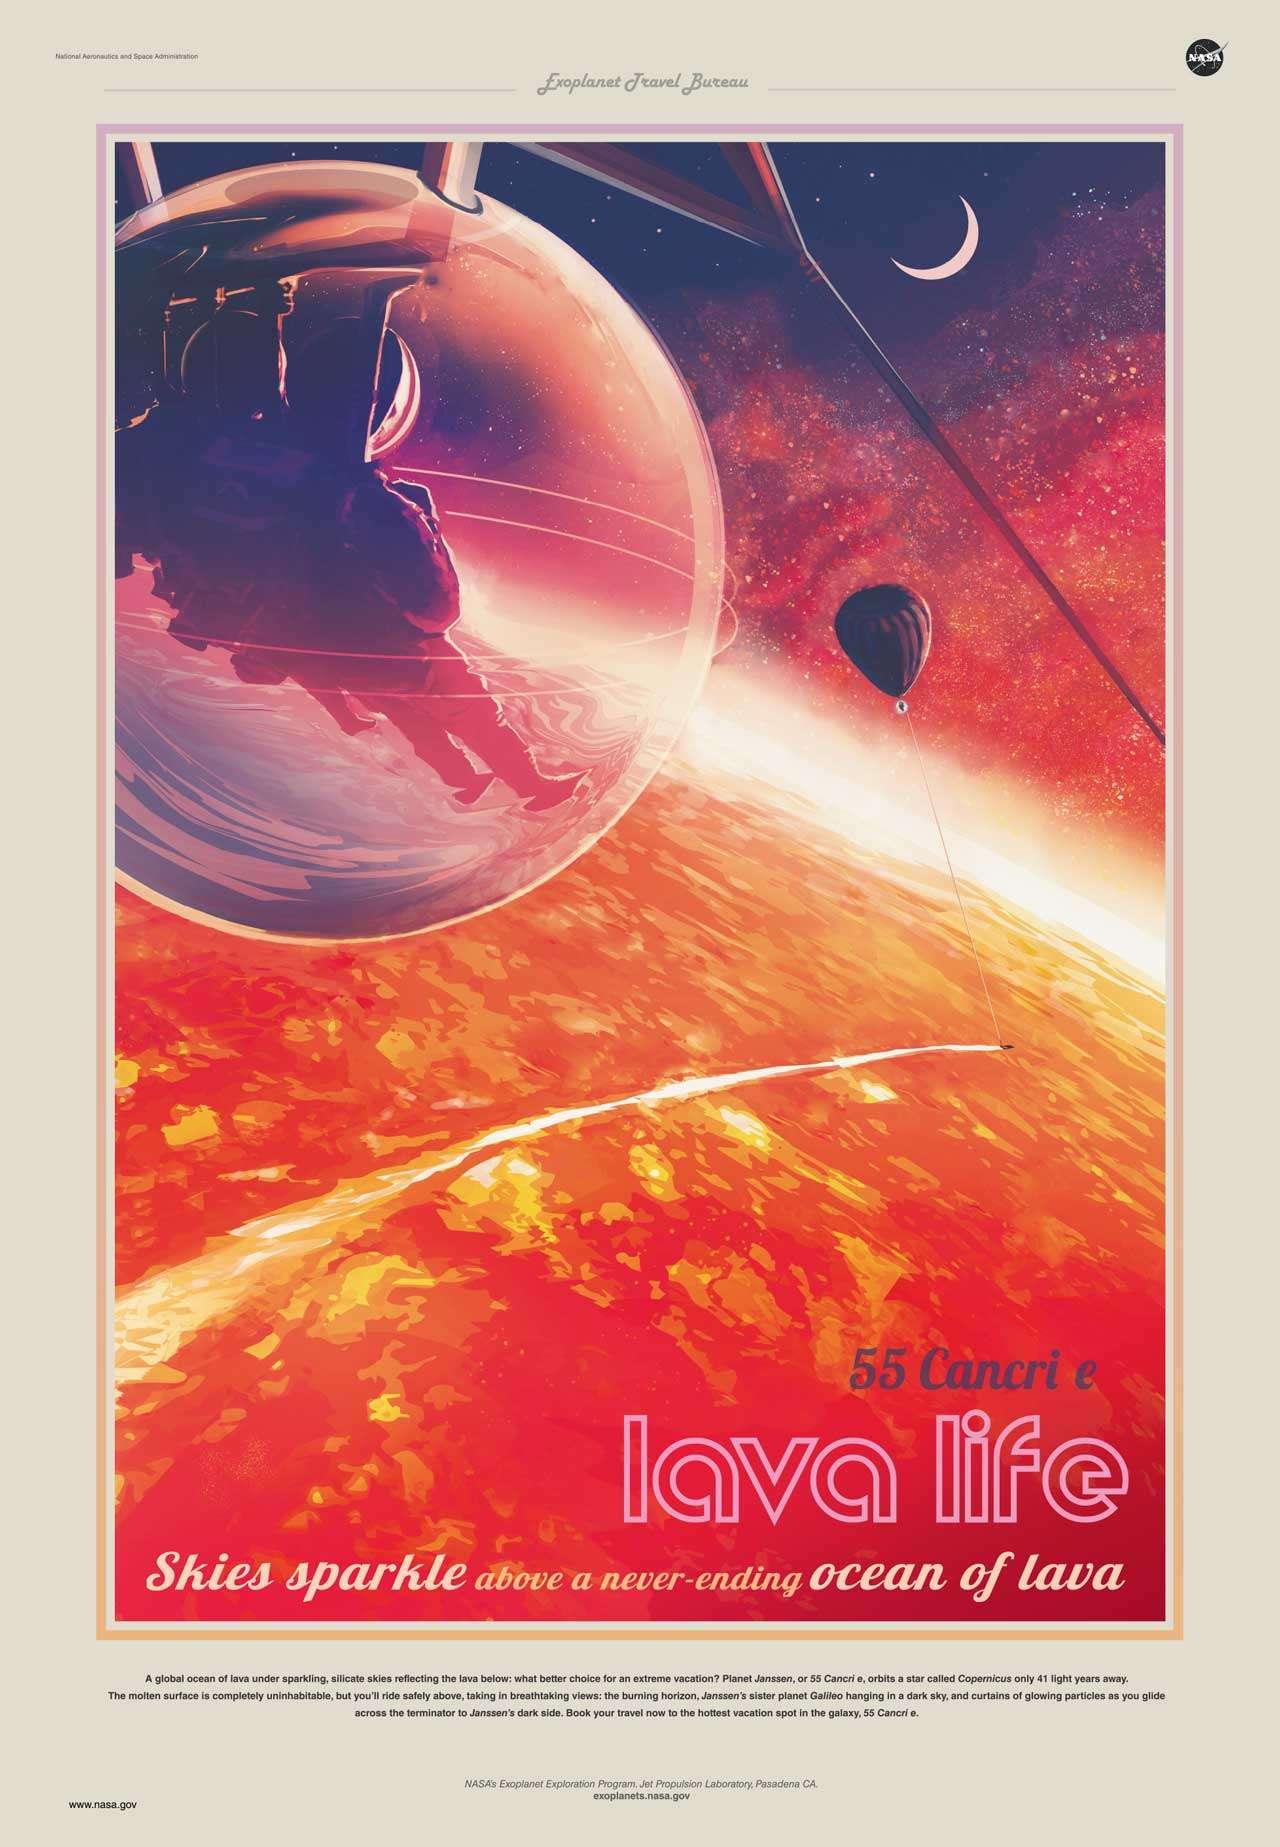 « Les cieux brillent au-dessus d'un océan de lave infini ». Poster au style vintage de l'Exoplanet Travel Bureau faisant la promotion d'un voyage vers 55 Cancri e. © Nasa-JPL/Caltech